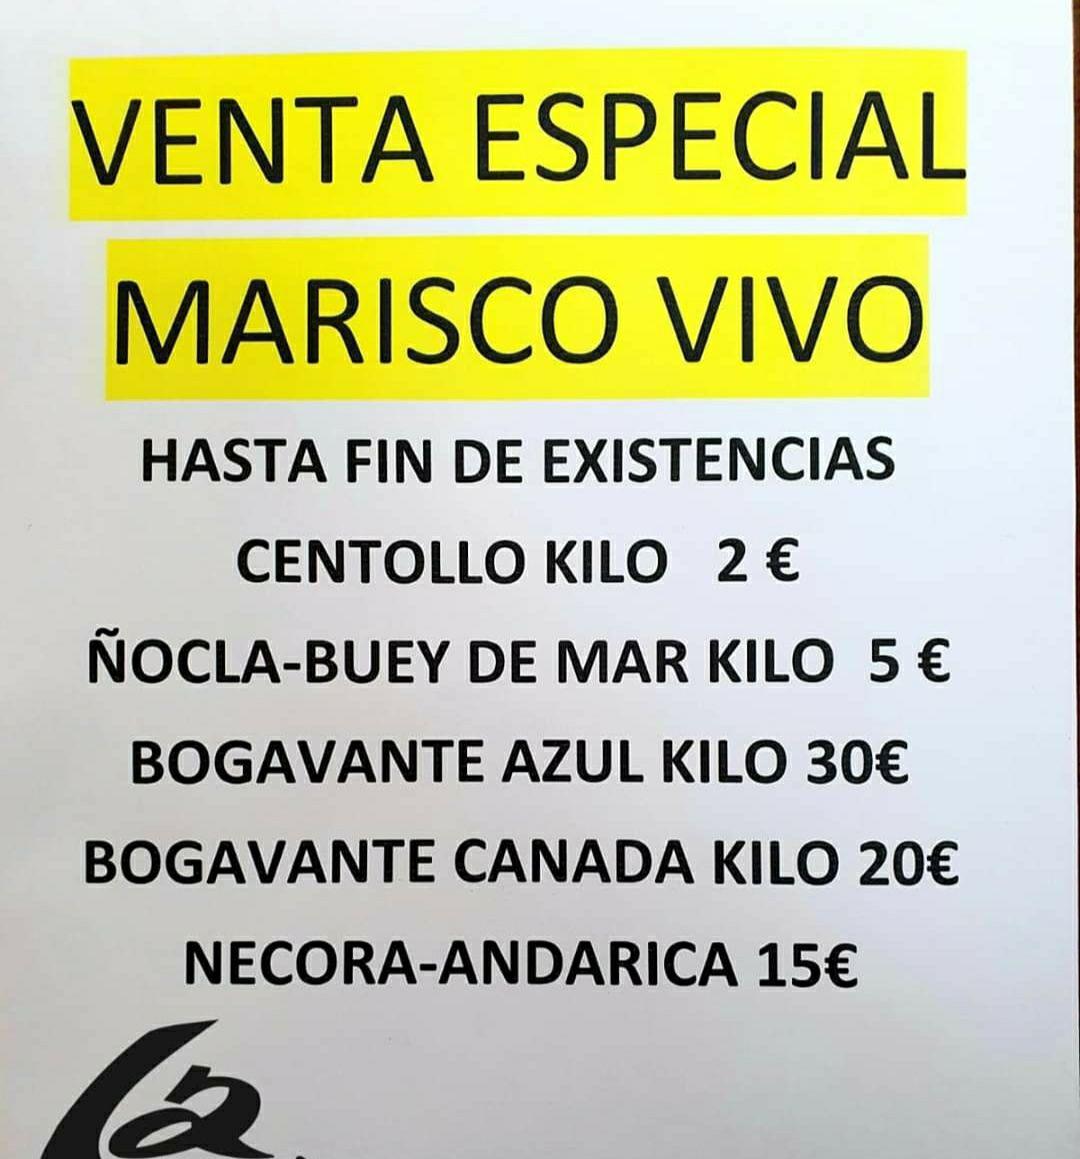 Ofertas en marisco en La Chalana (Asturias y Madrid)